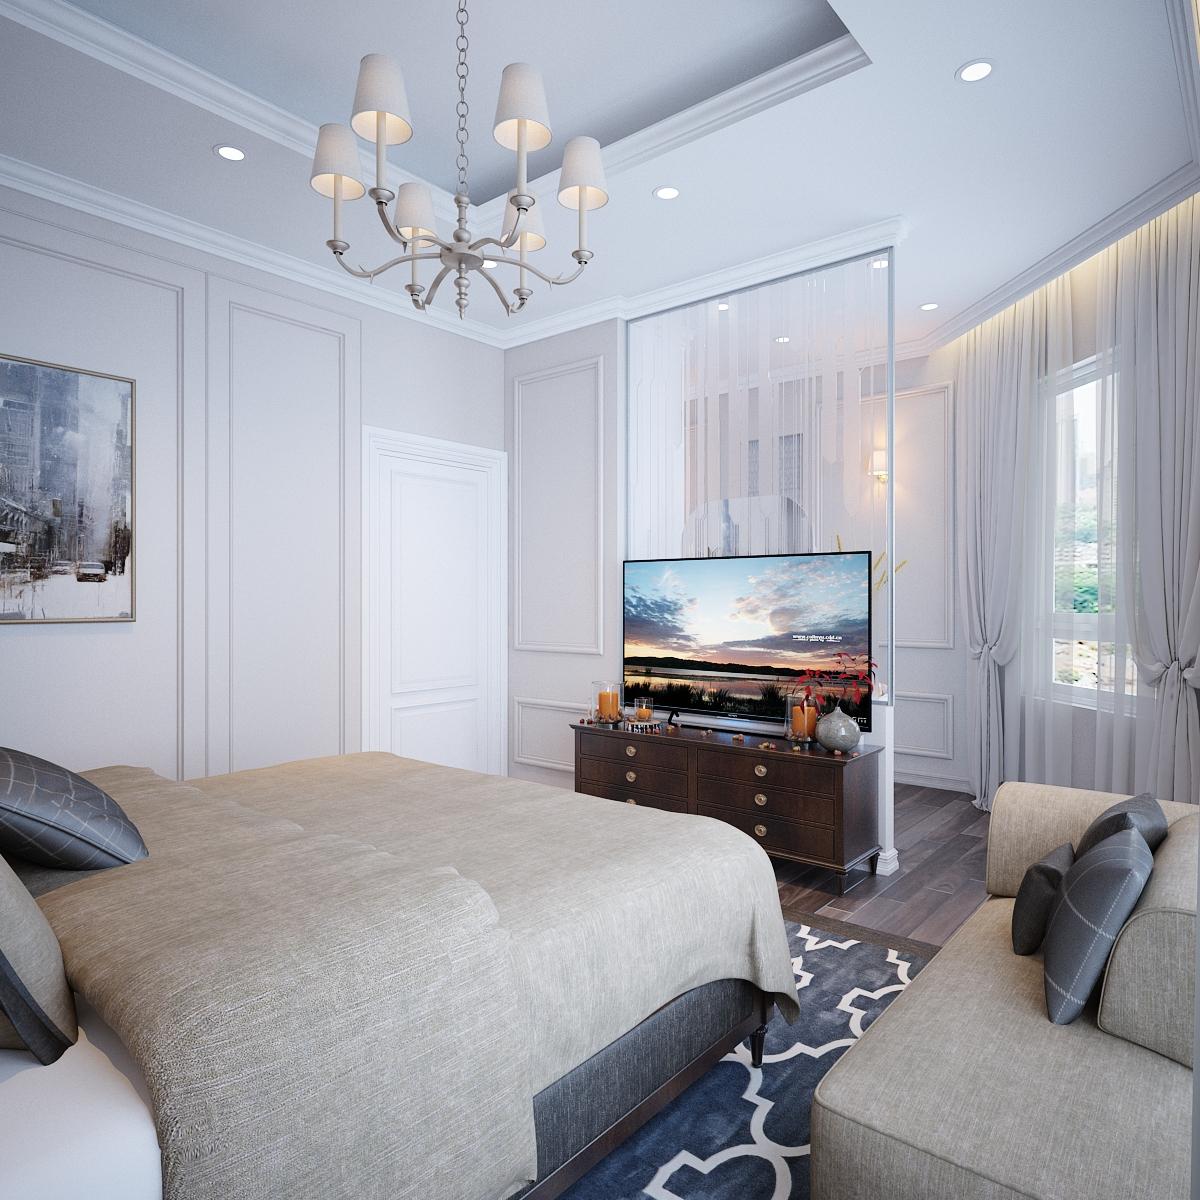 thiết kế nội thất Biệt Thự tại Hồ Chí Minh Biệt Thự Chị Thu 9 1550734333